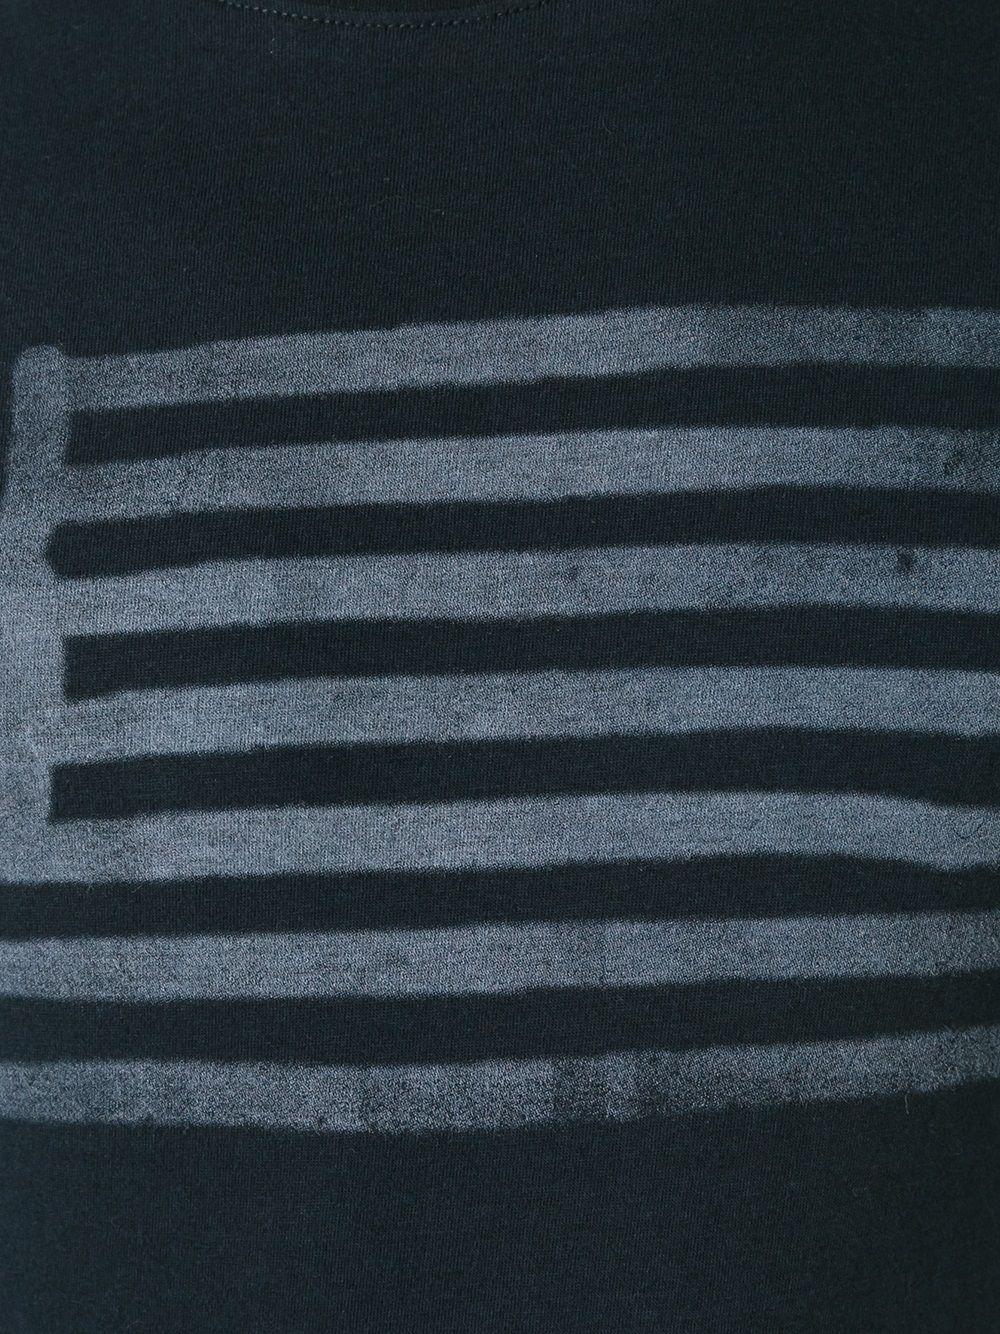 John Varvatos Collection | John Varvatos футболка с принтом | Clouty